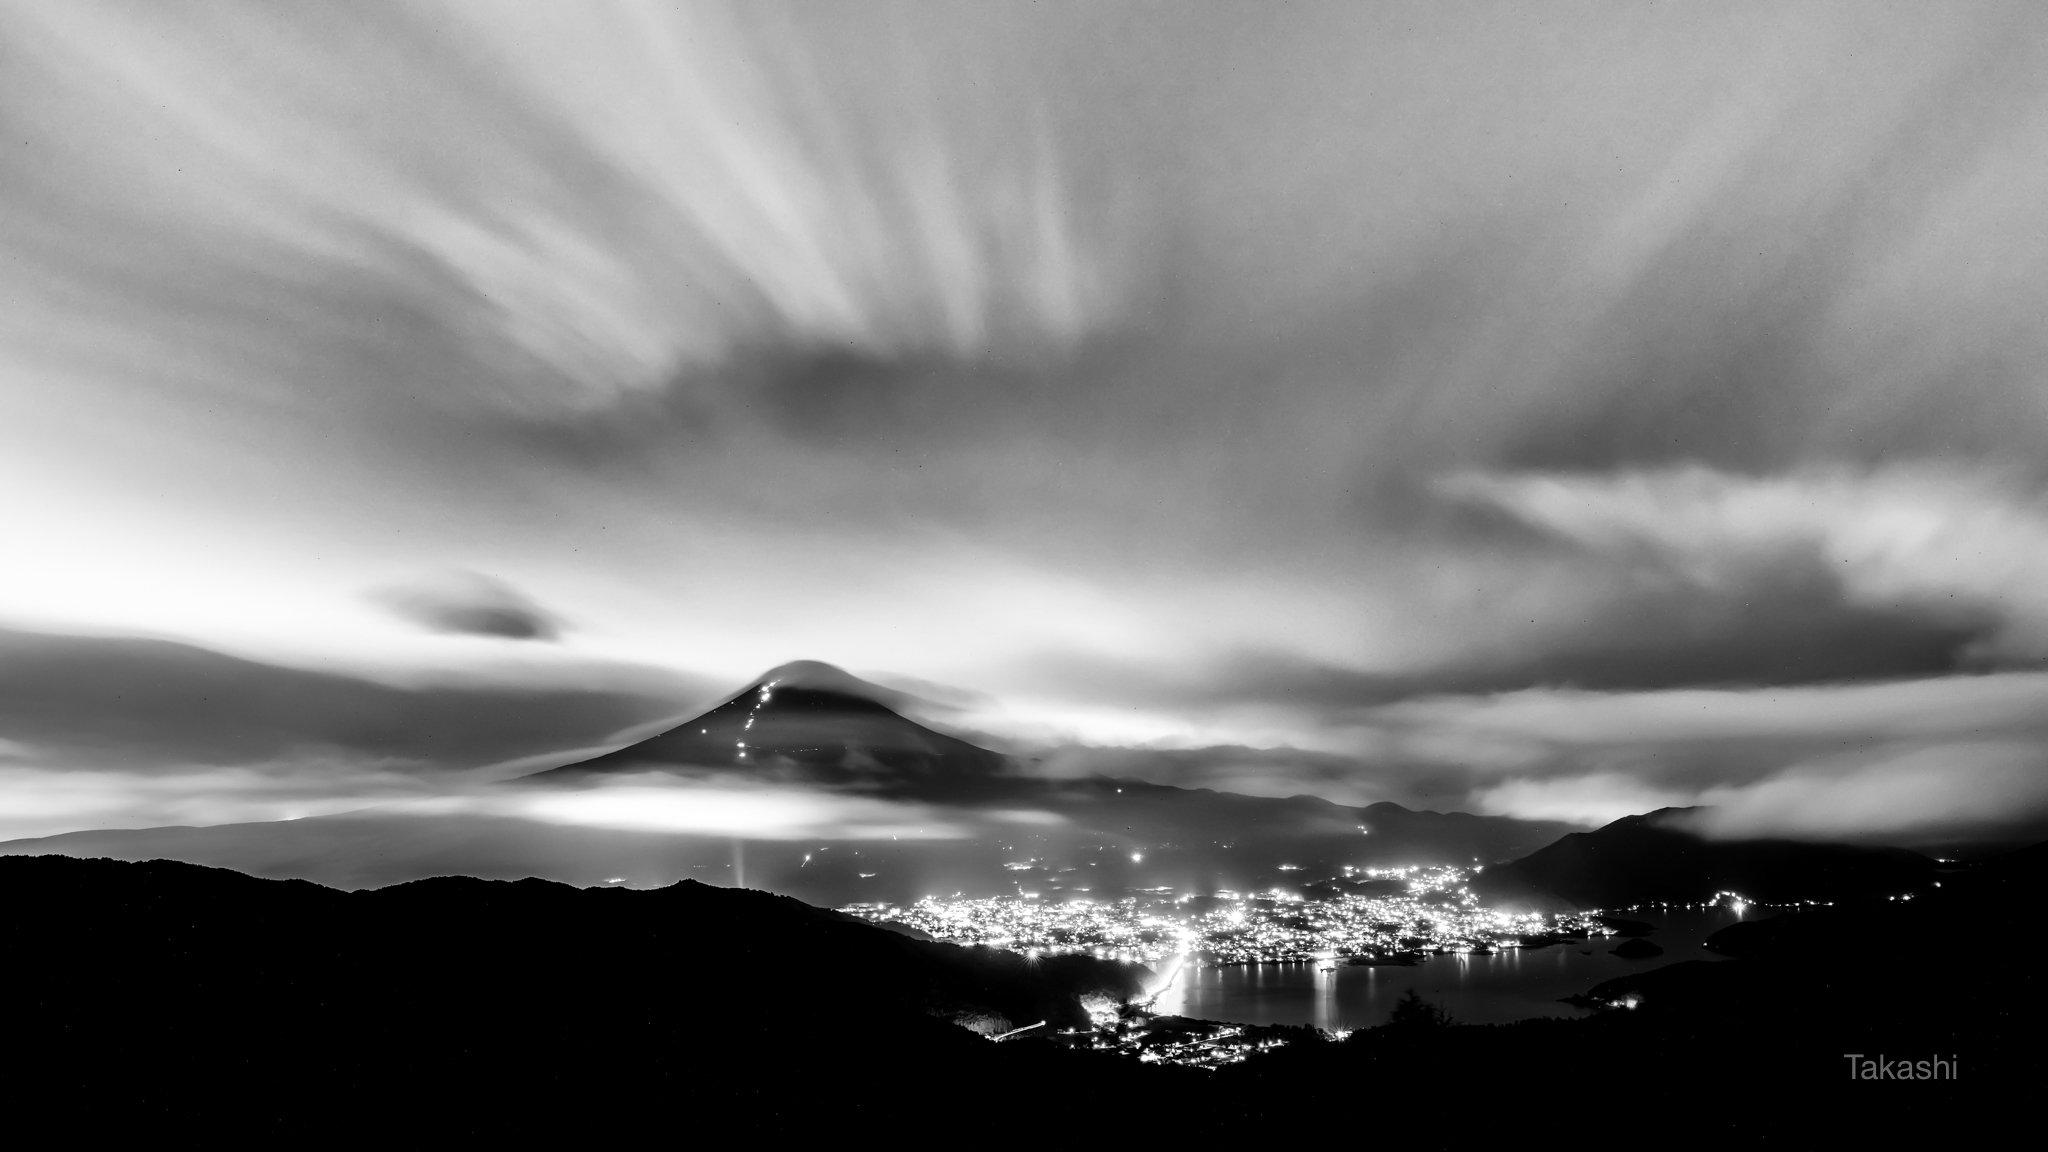 Fuji,Japan,mountain,clouds,dramatic,lake,night,, Takashi